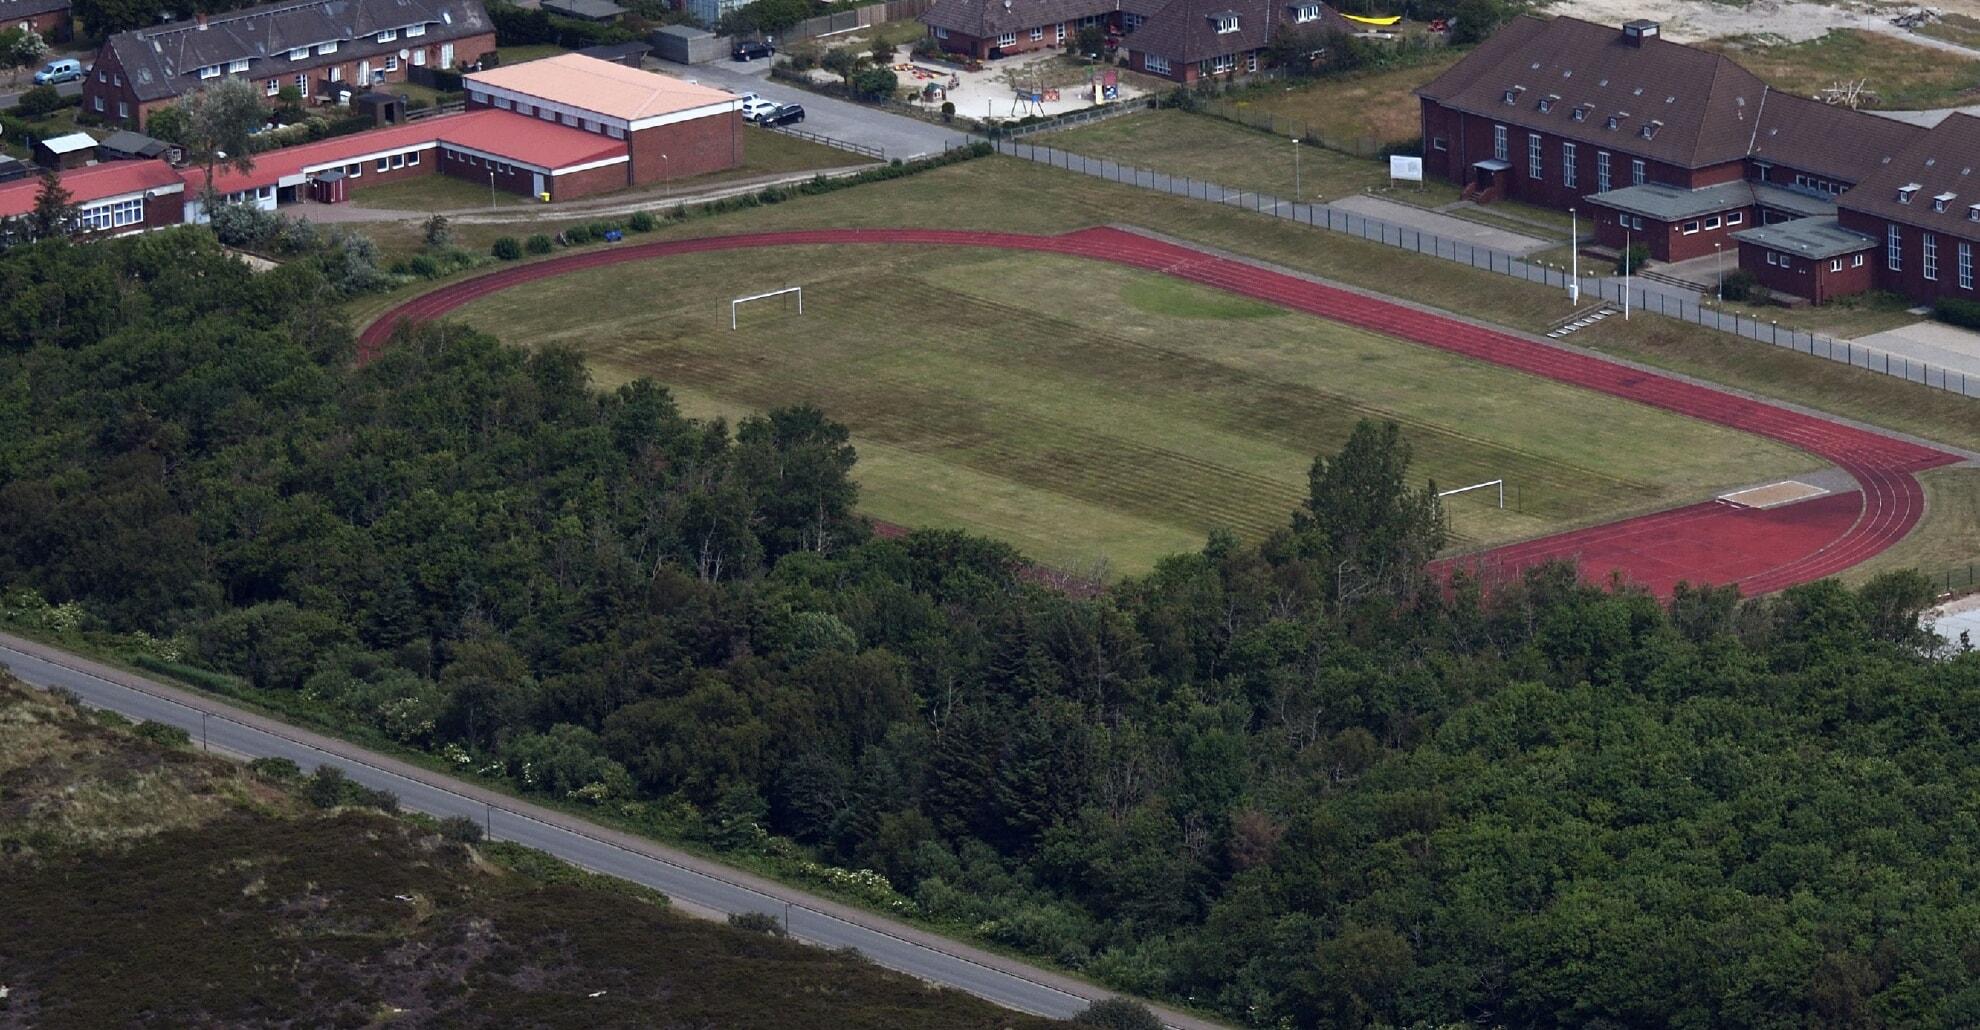 Sportplatz aus der Vogelperspektive